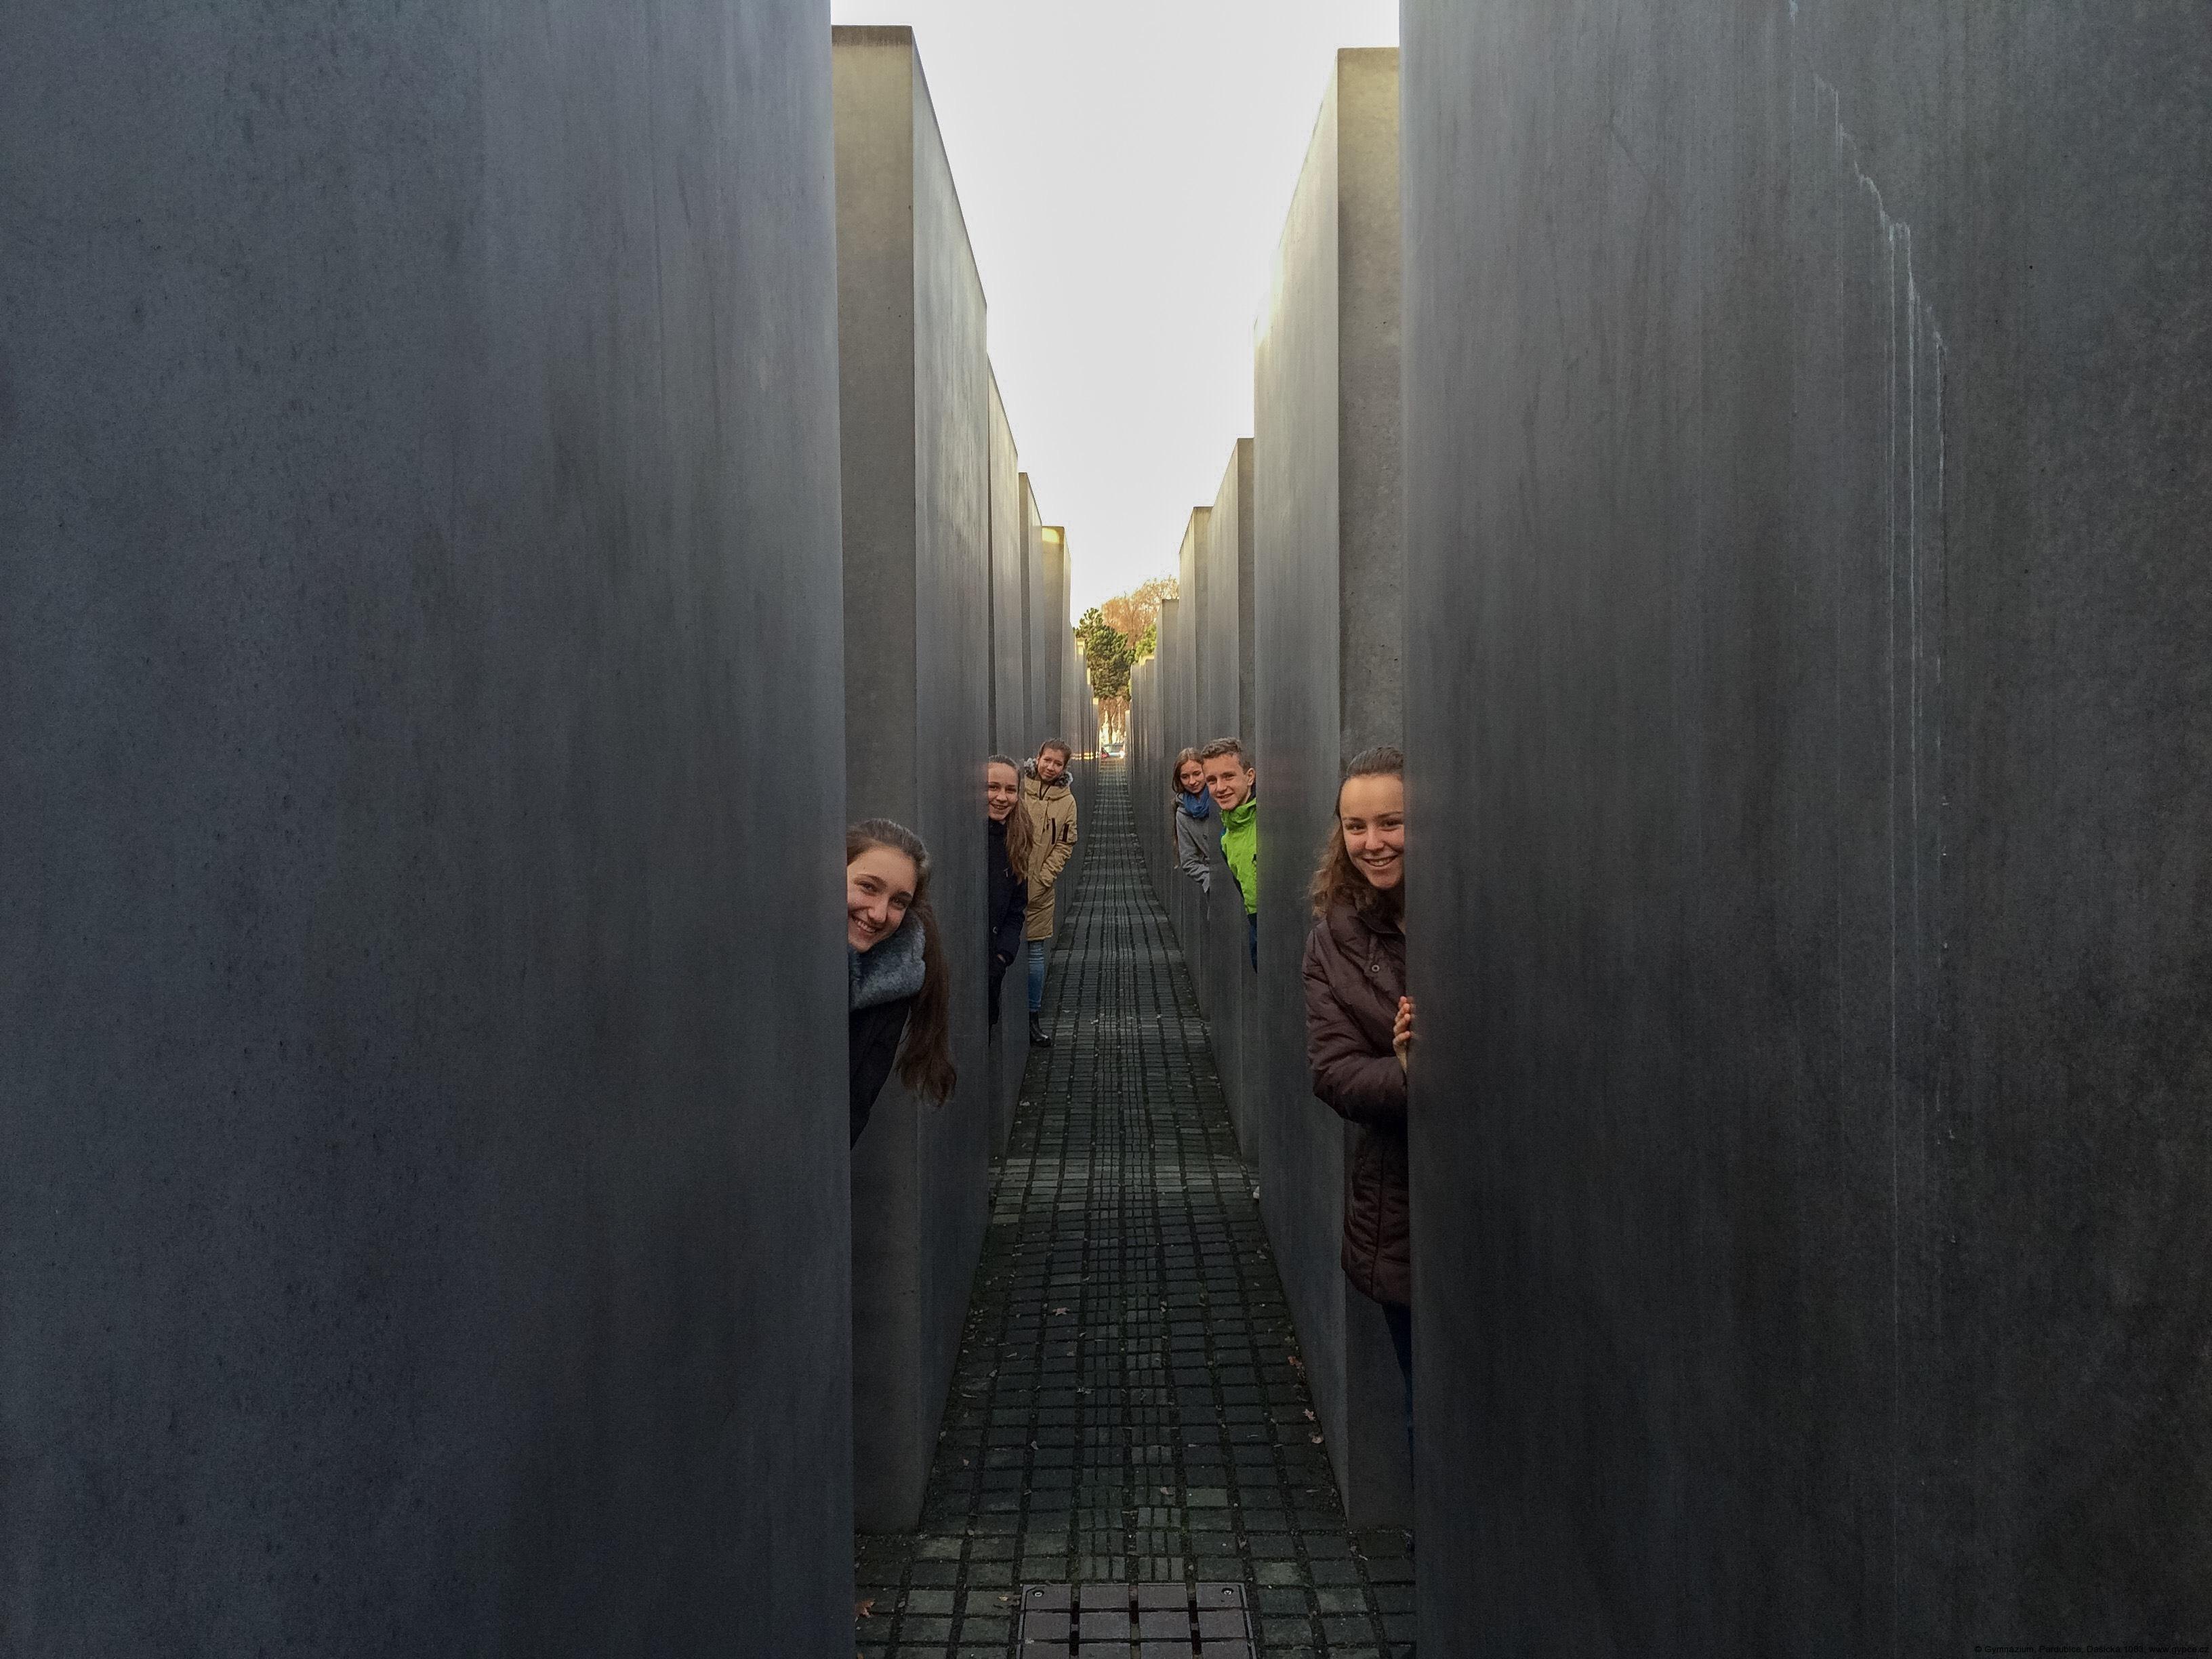 berlin_2015_01 foto Jakub Dlouhý